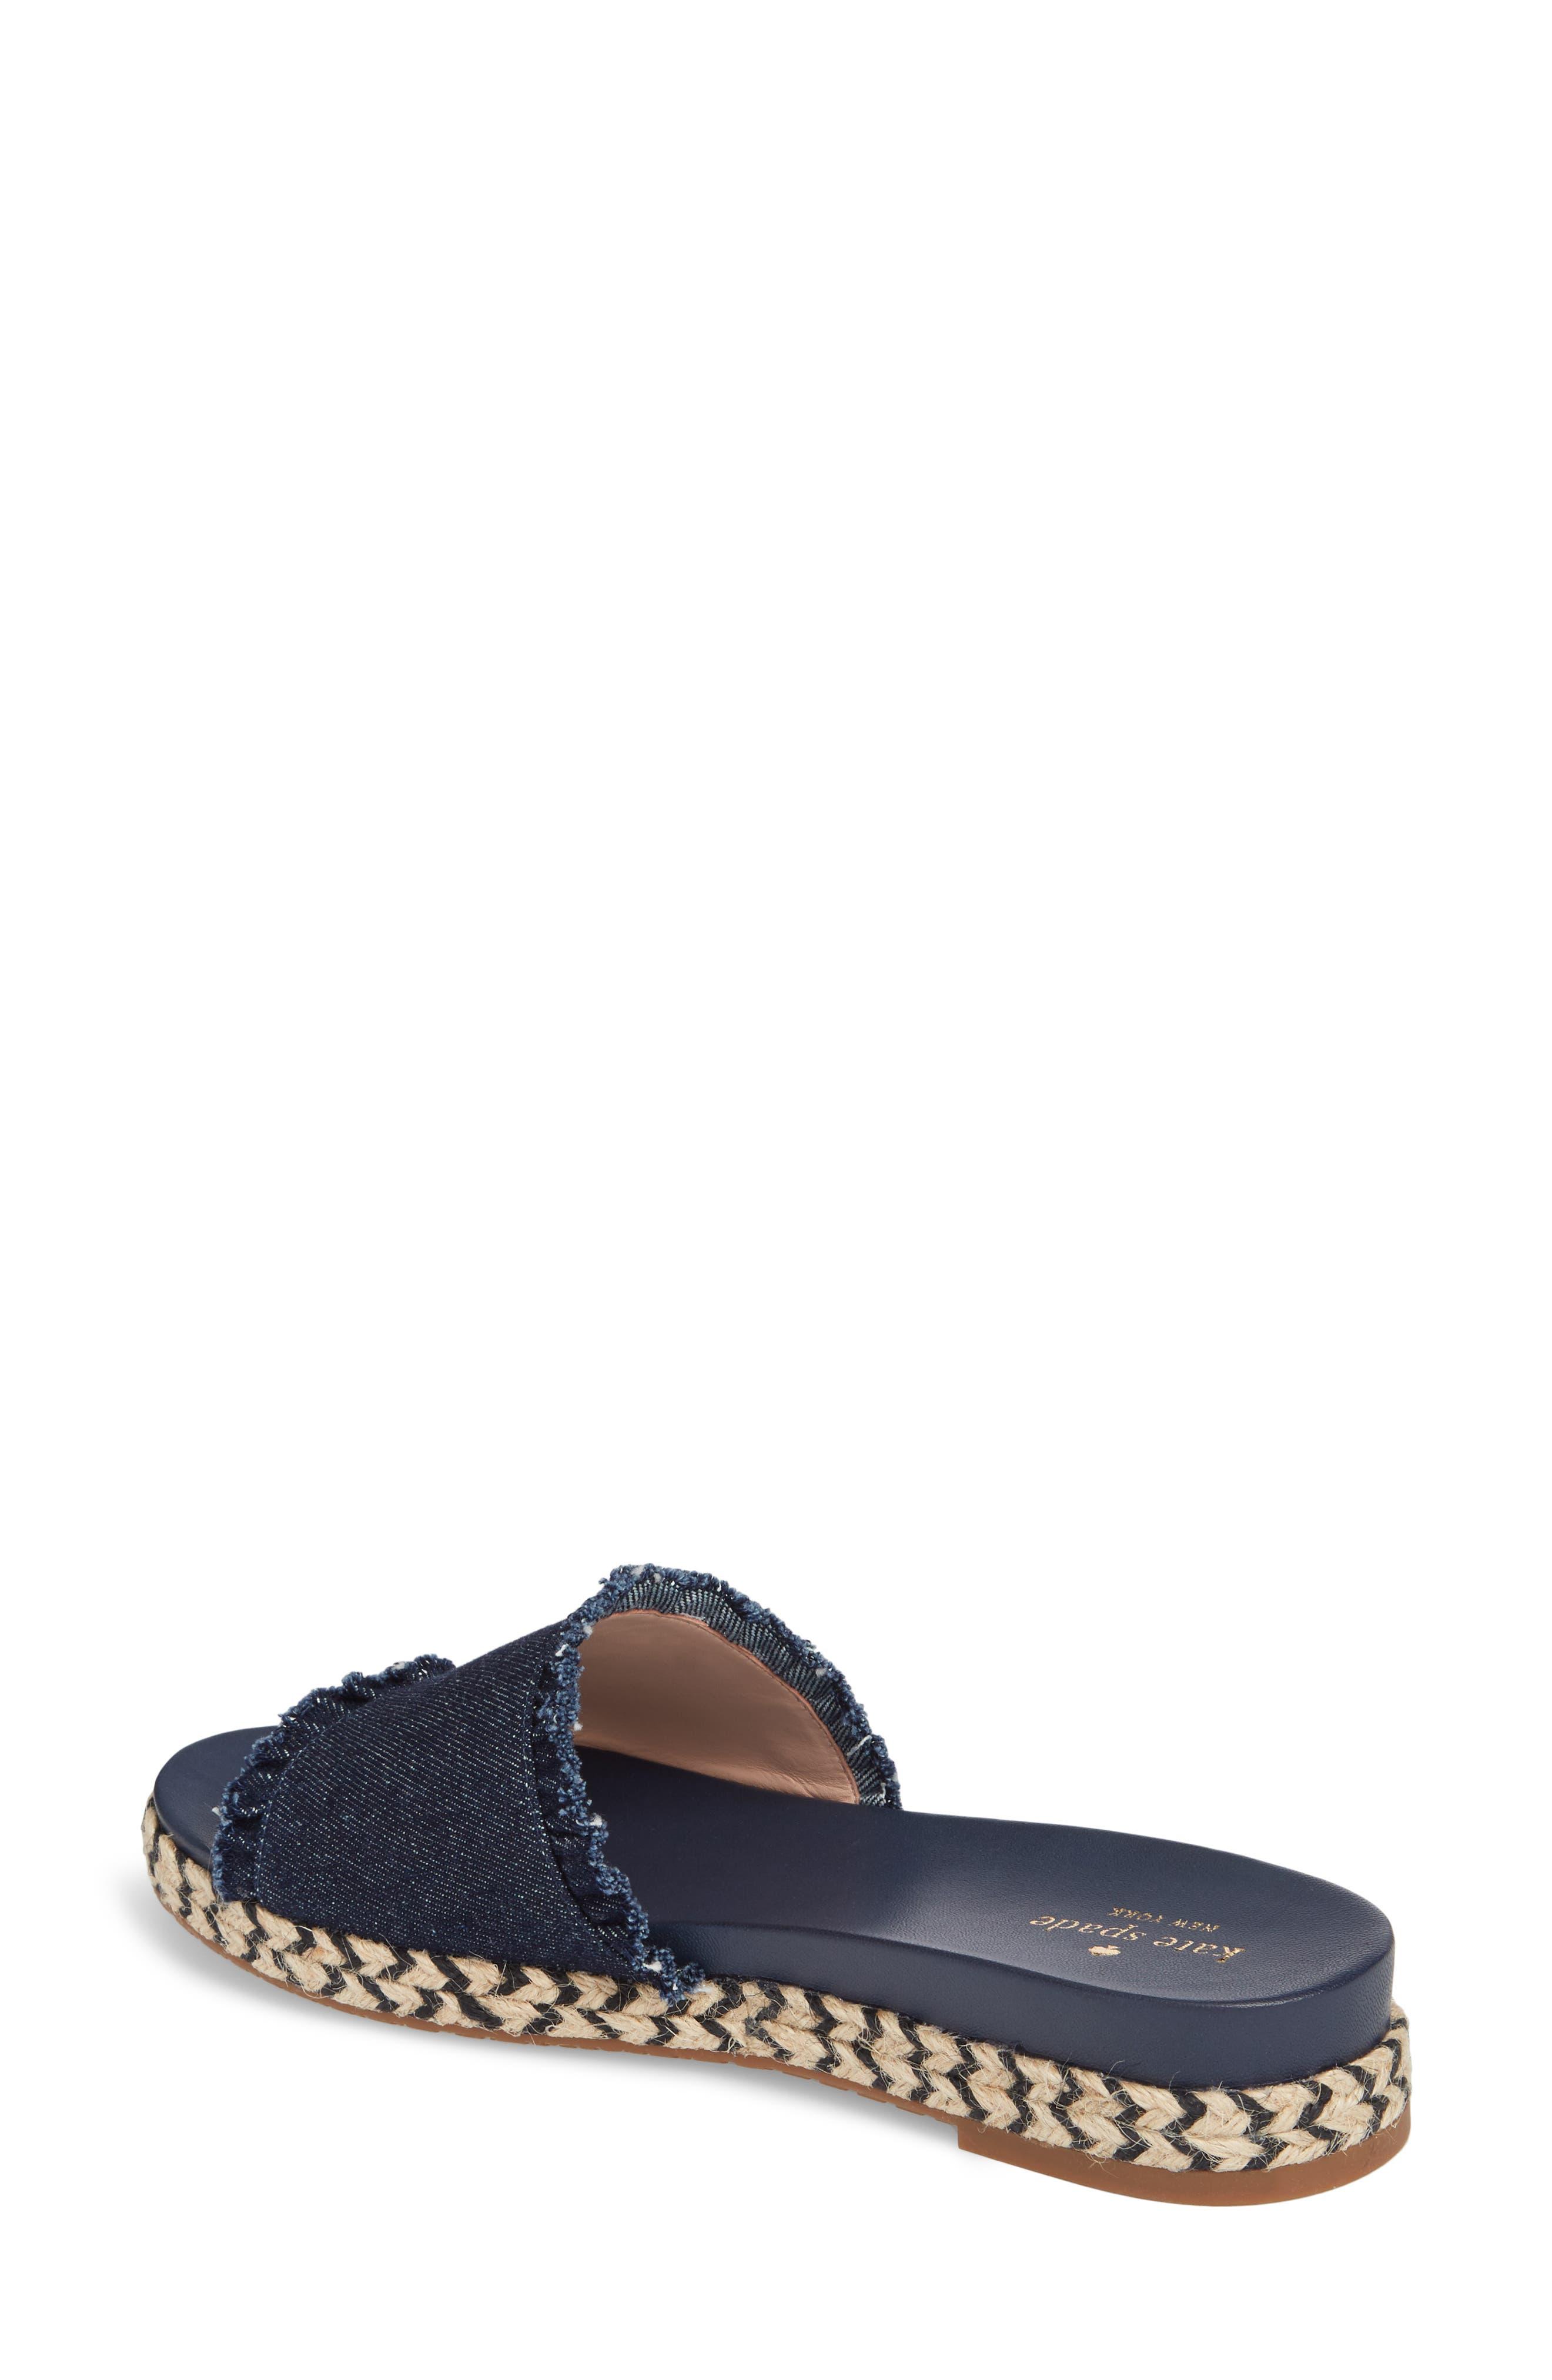 Alternate Image 2  - kate spade new york zahara slide sandal (Women)